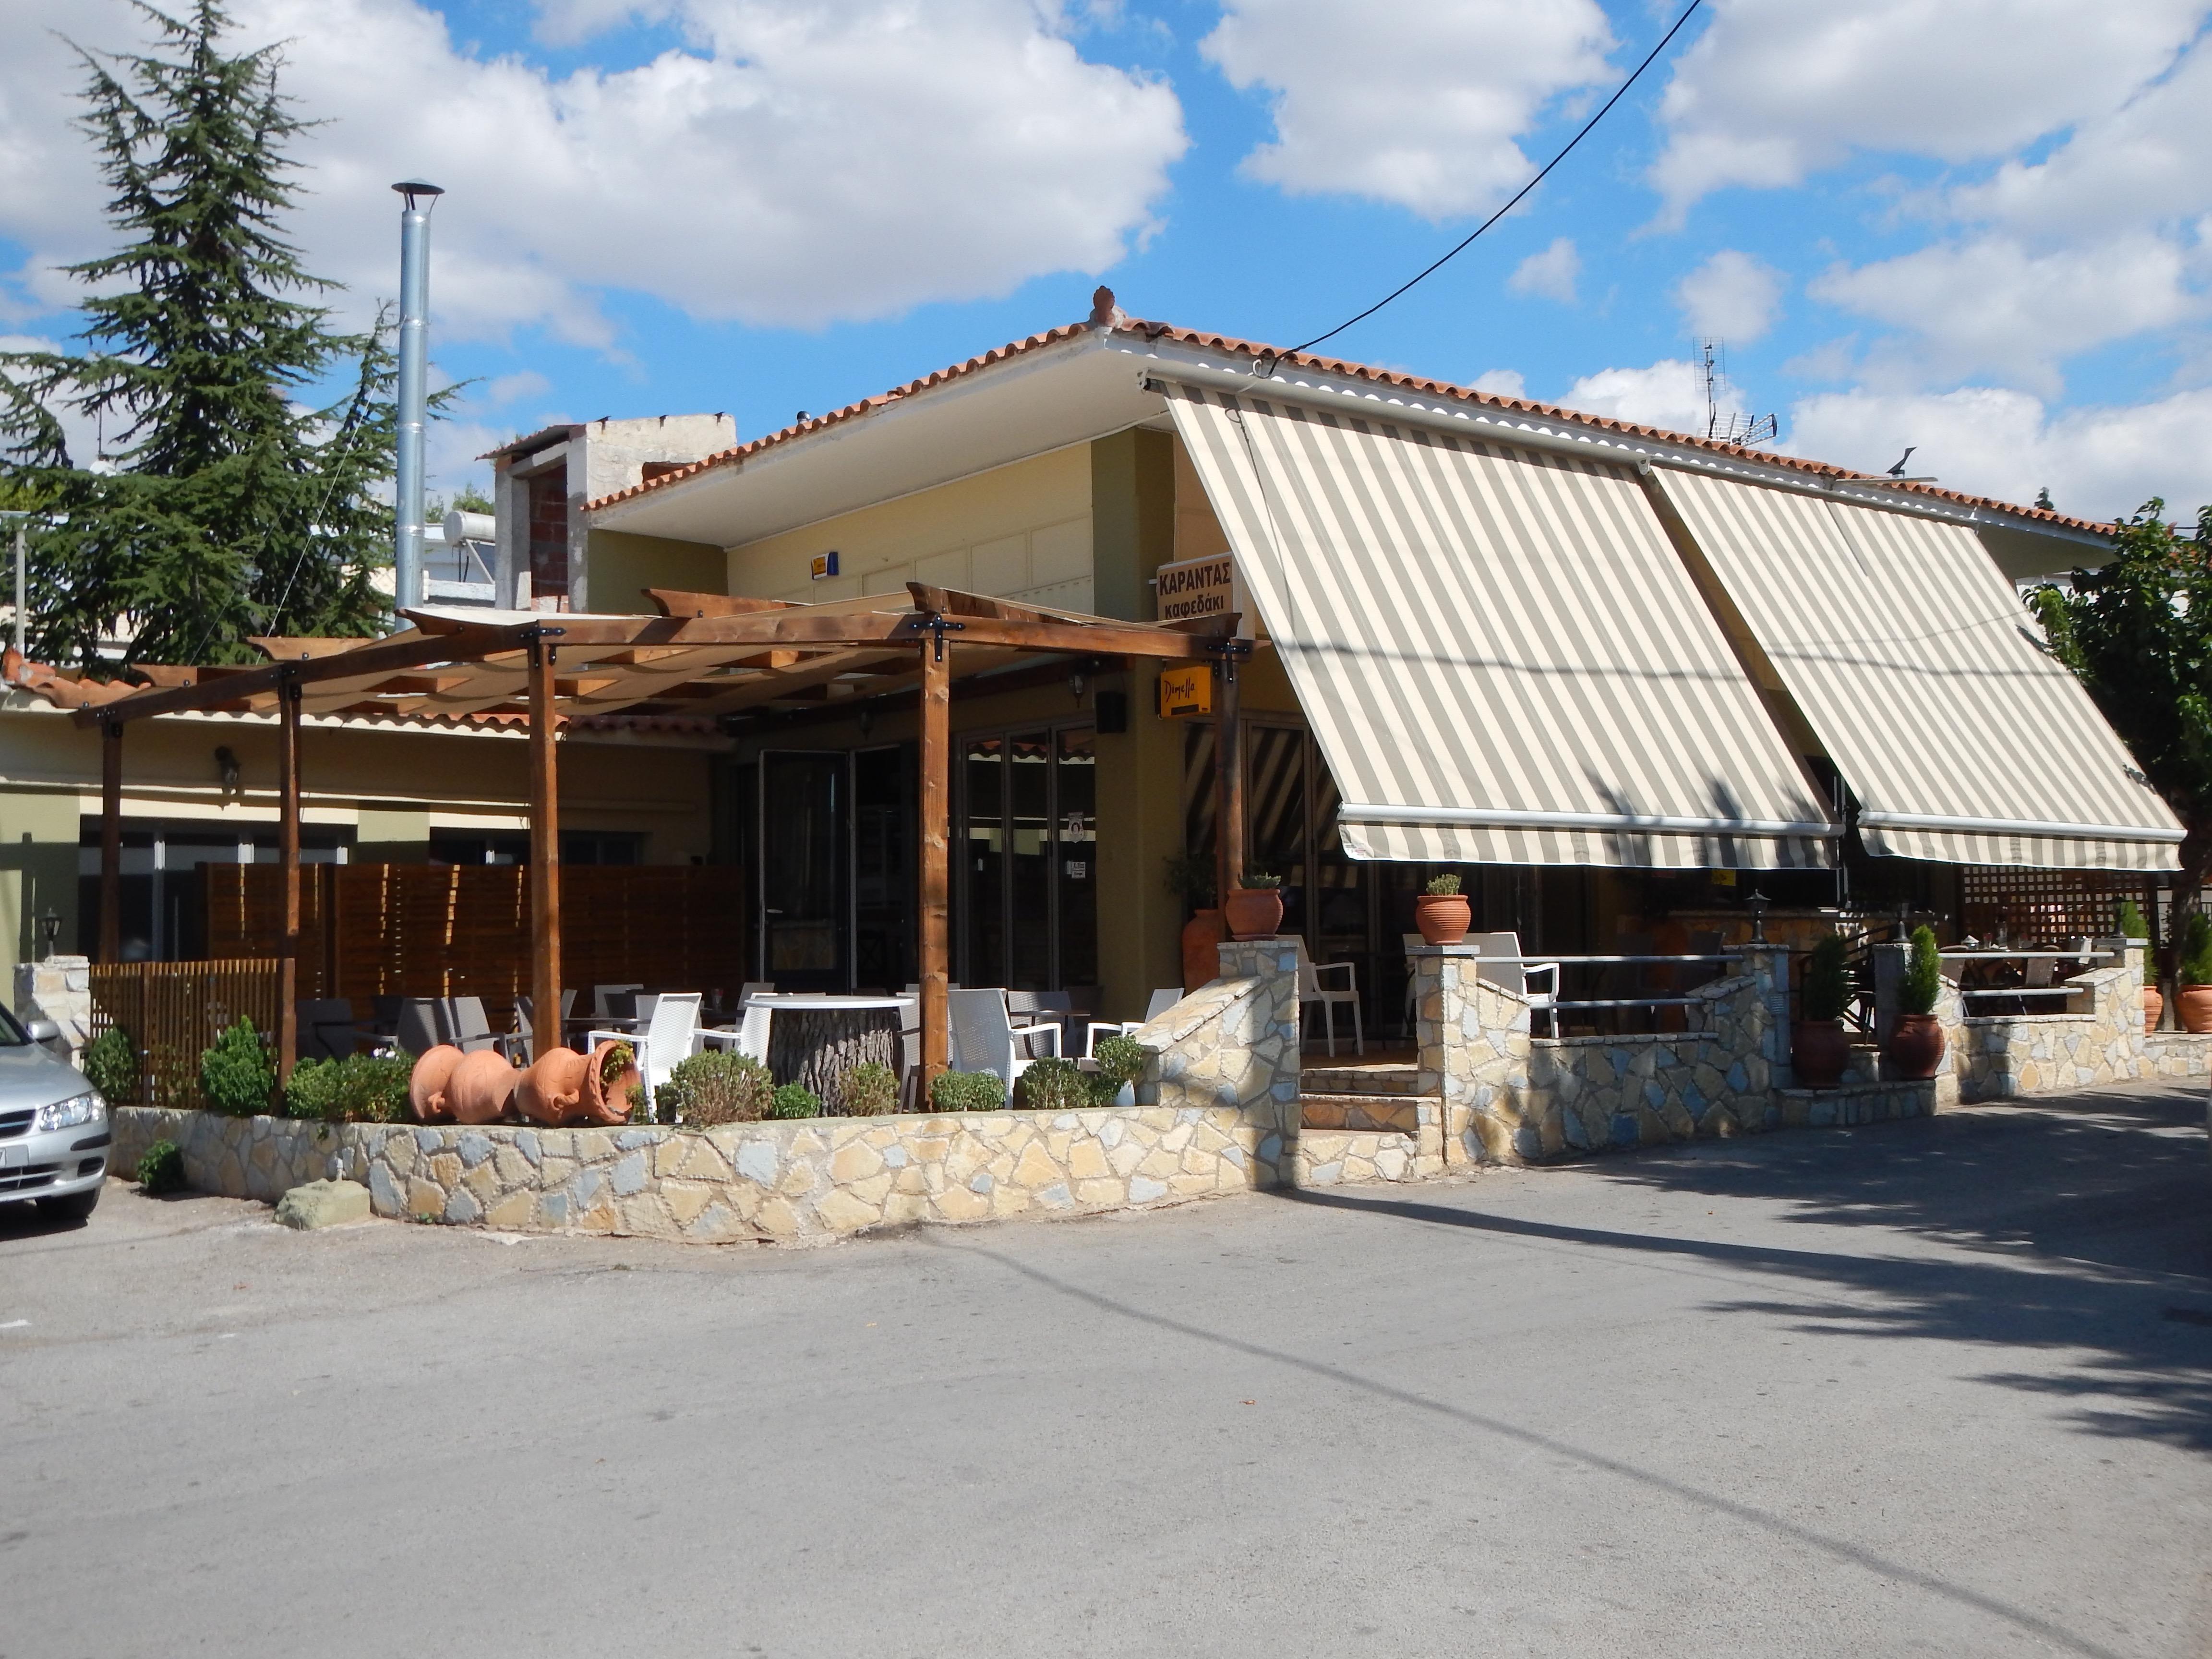 Grèce - Destination Météores par trail rando 161003040539746297